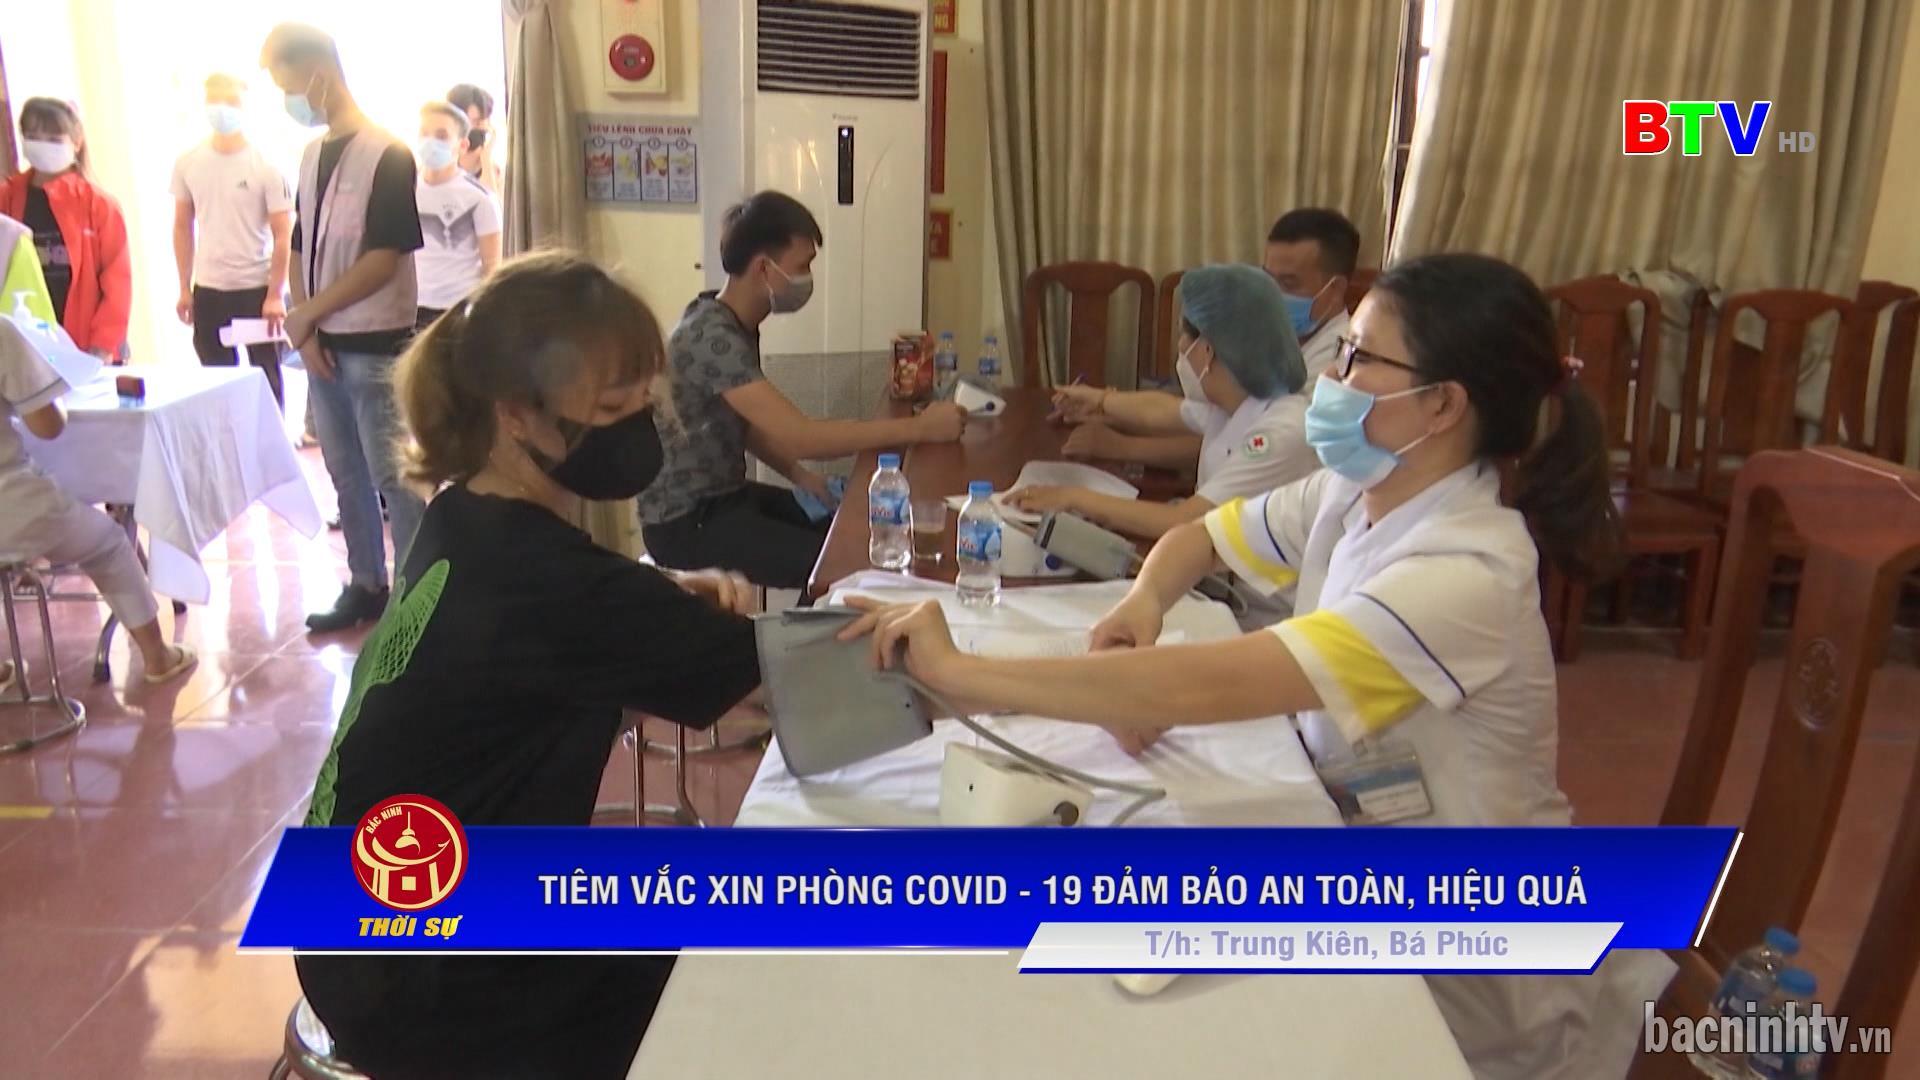 Tiêm Vắc xin phòng Covid - 19 đảm bảo an toàn, hiệu quả